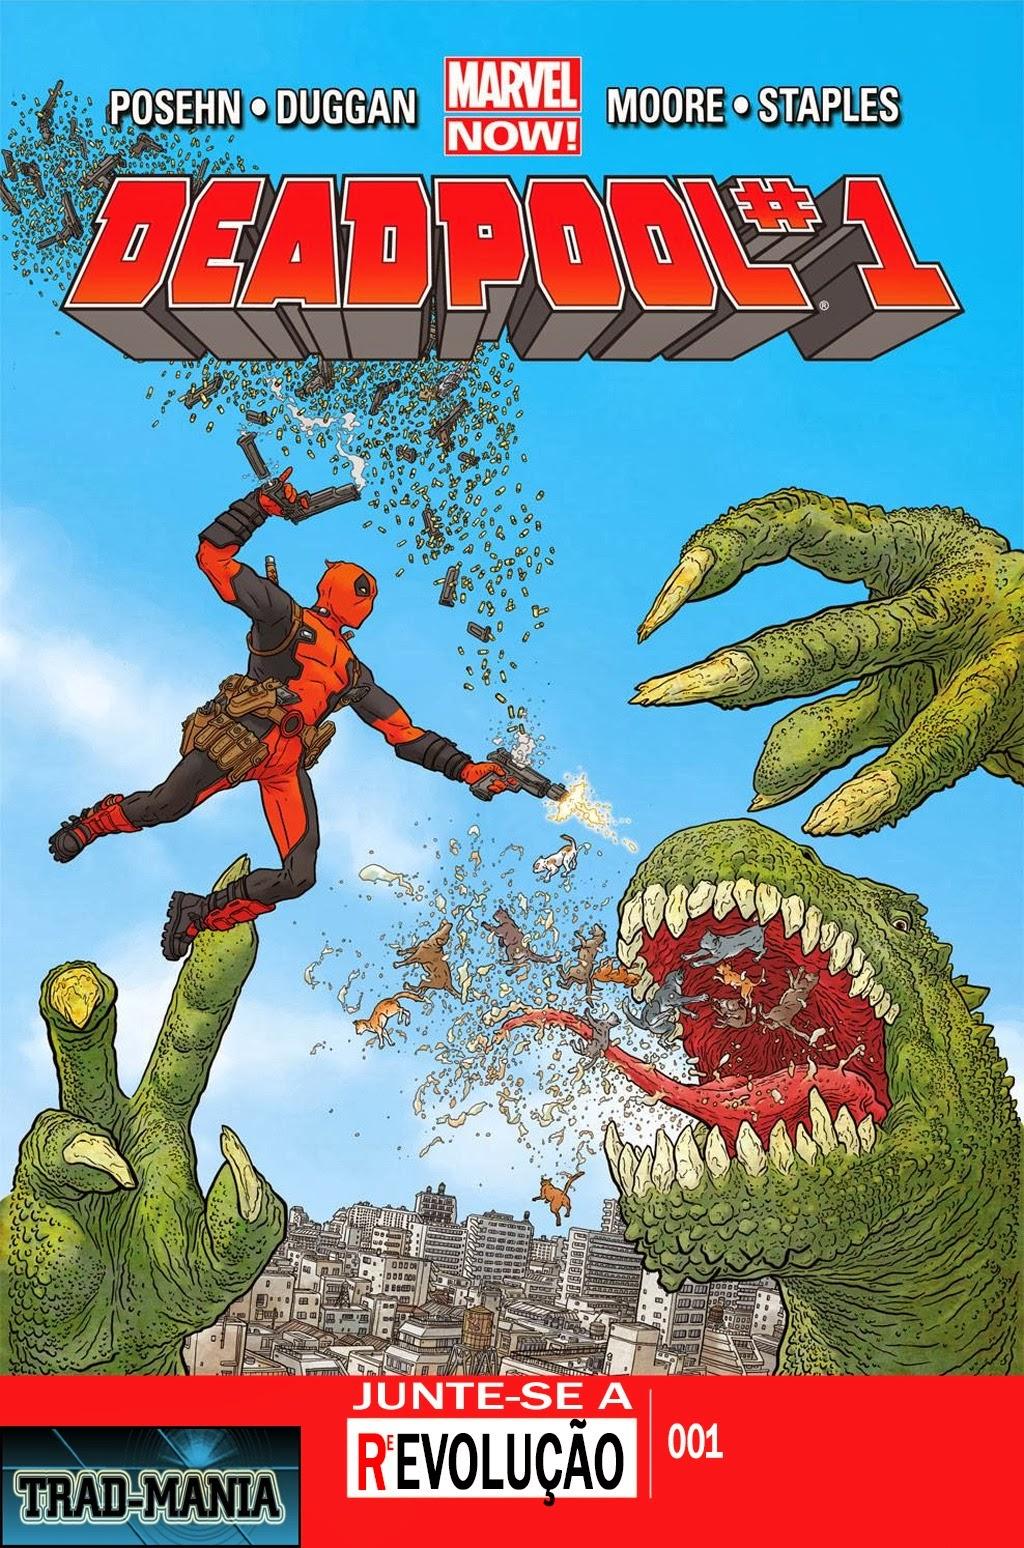 Nova Marvel! Deadpool v5 #1